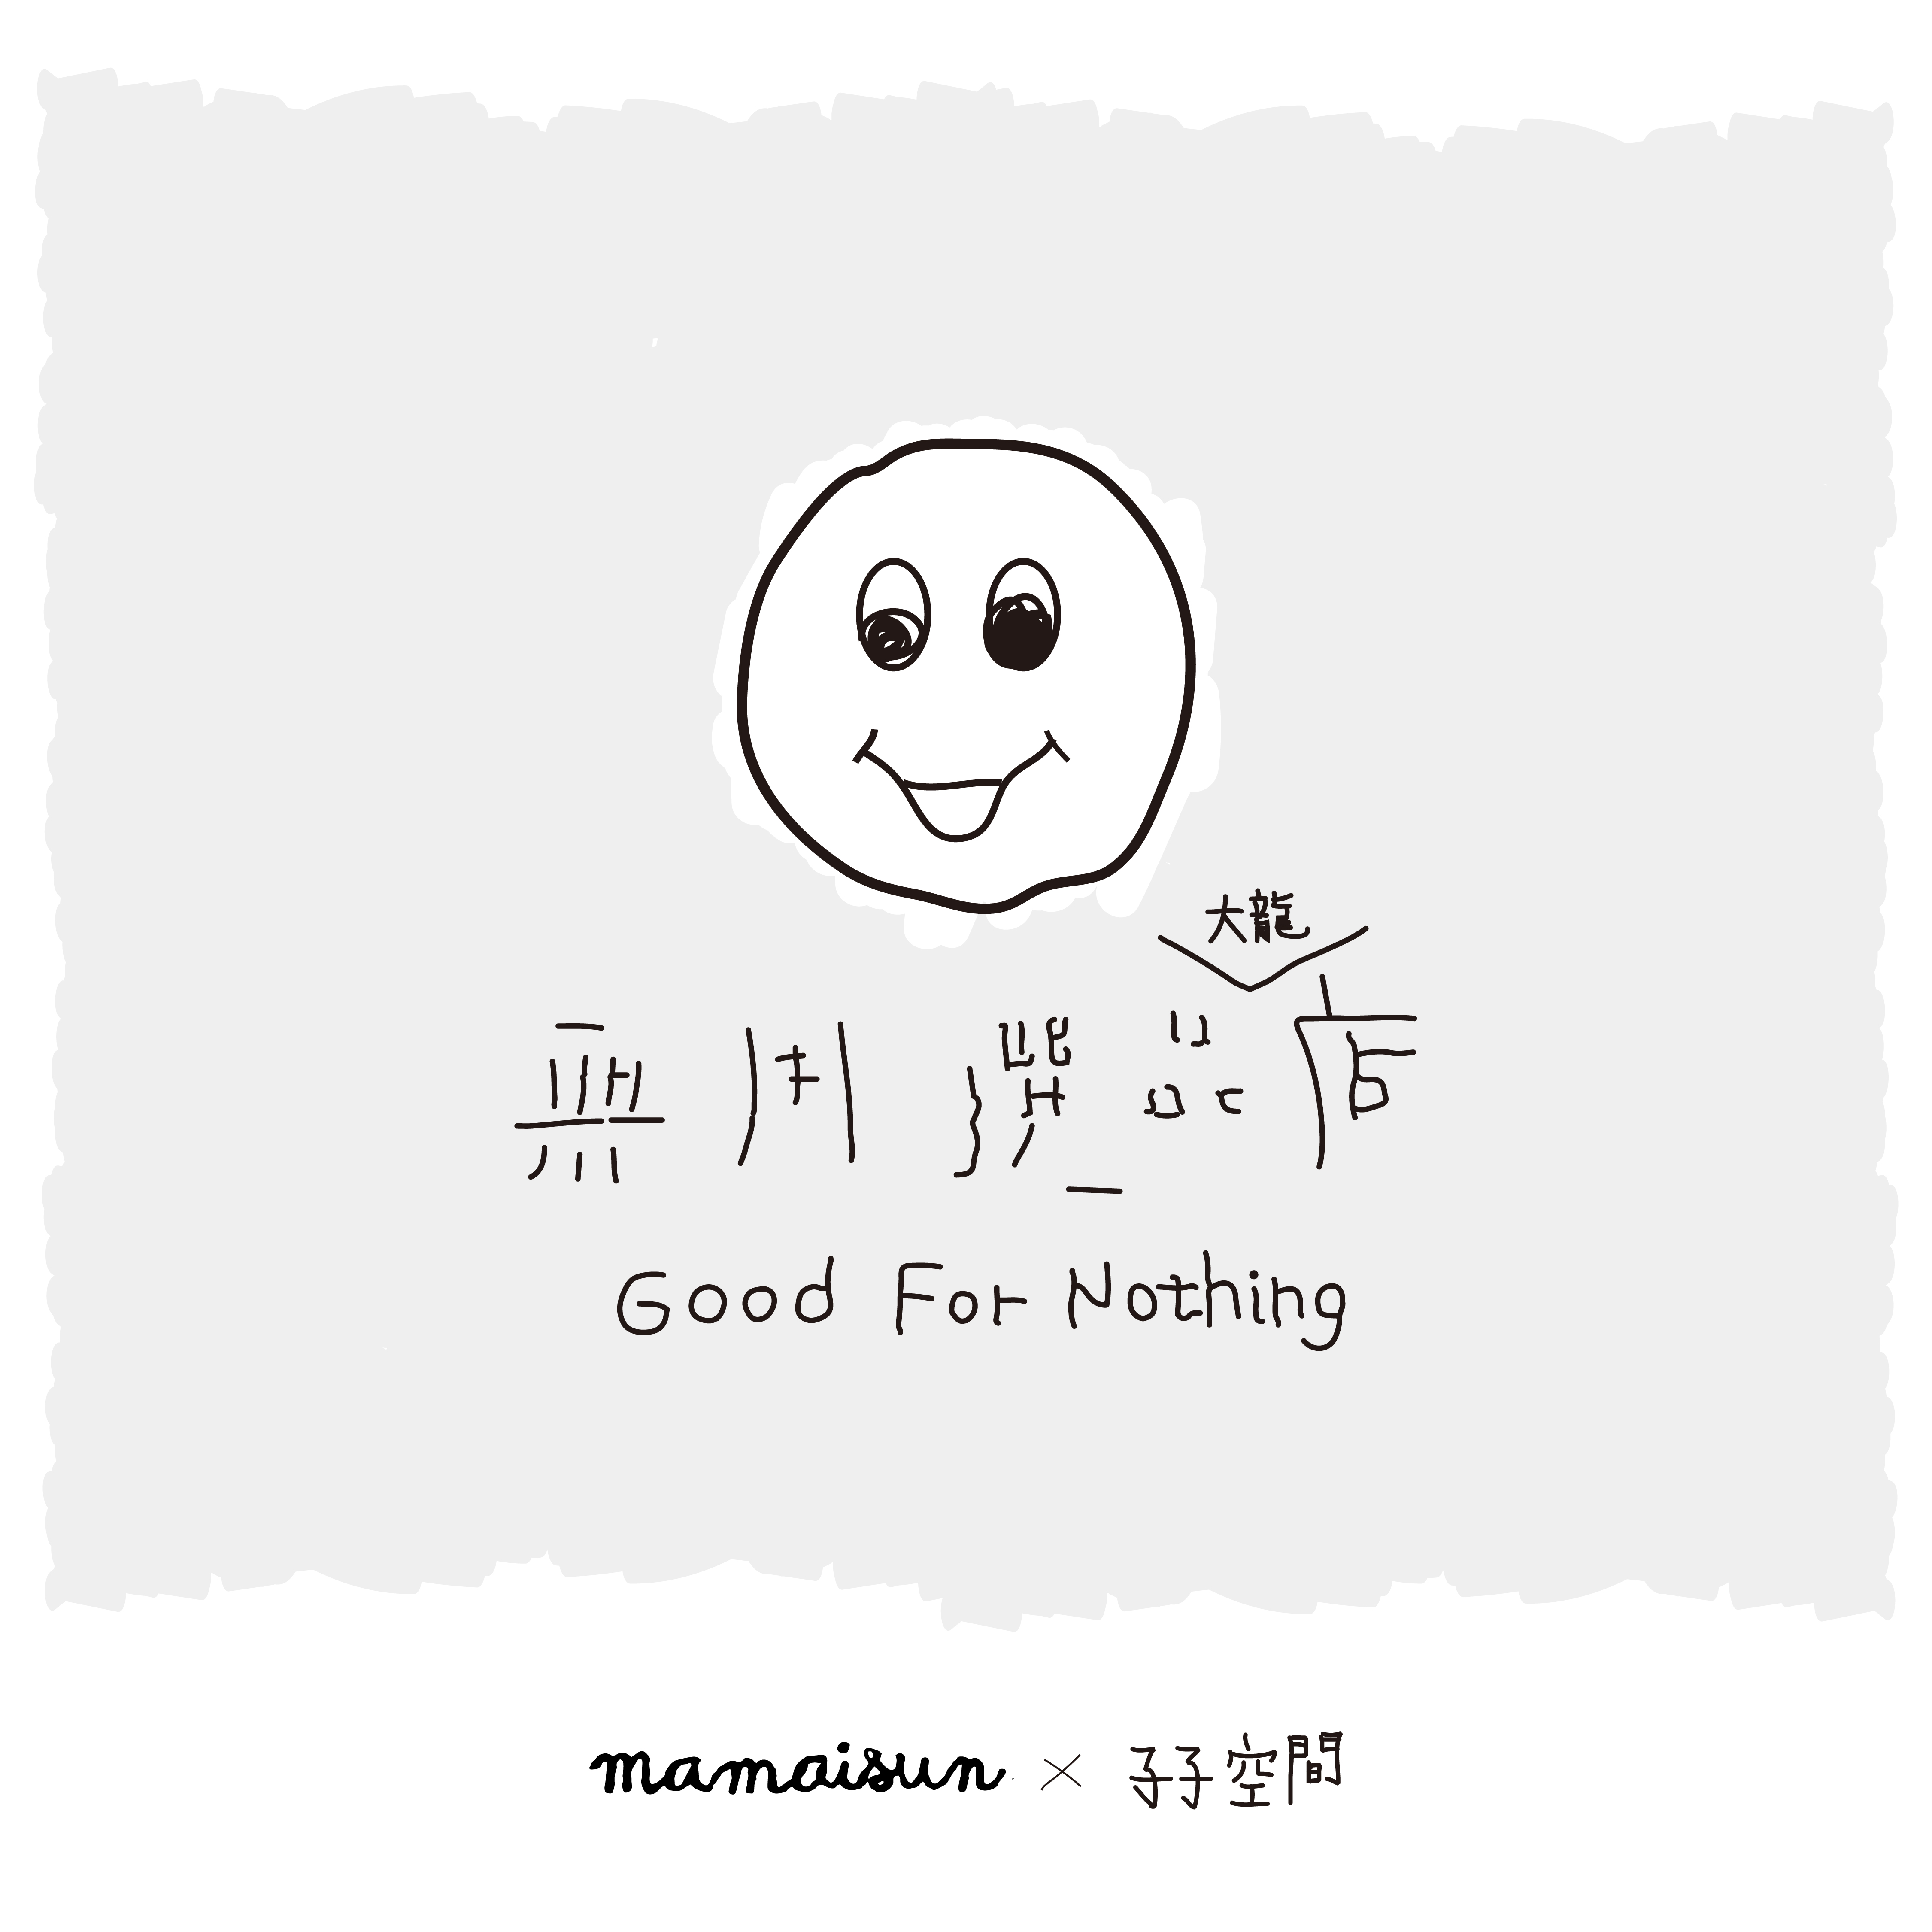 大龍店logo與日期-02